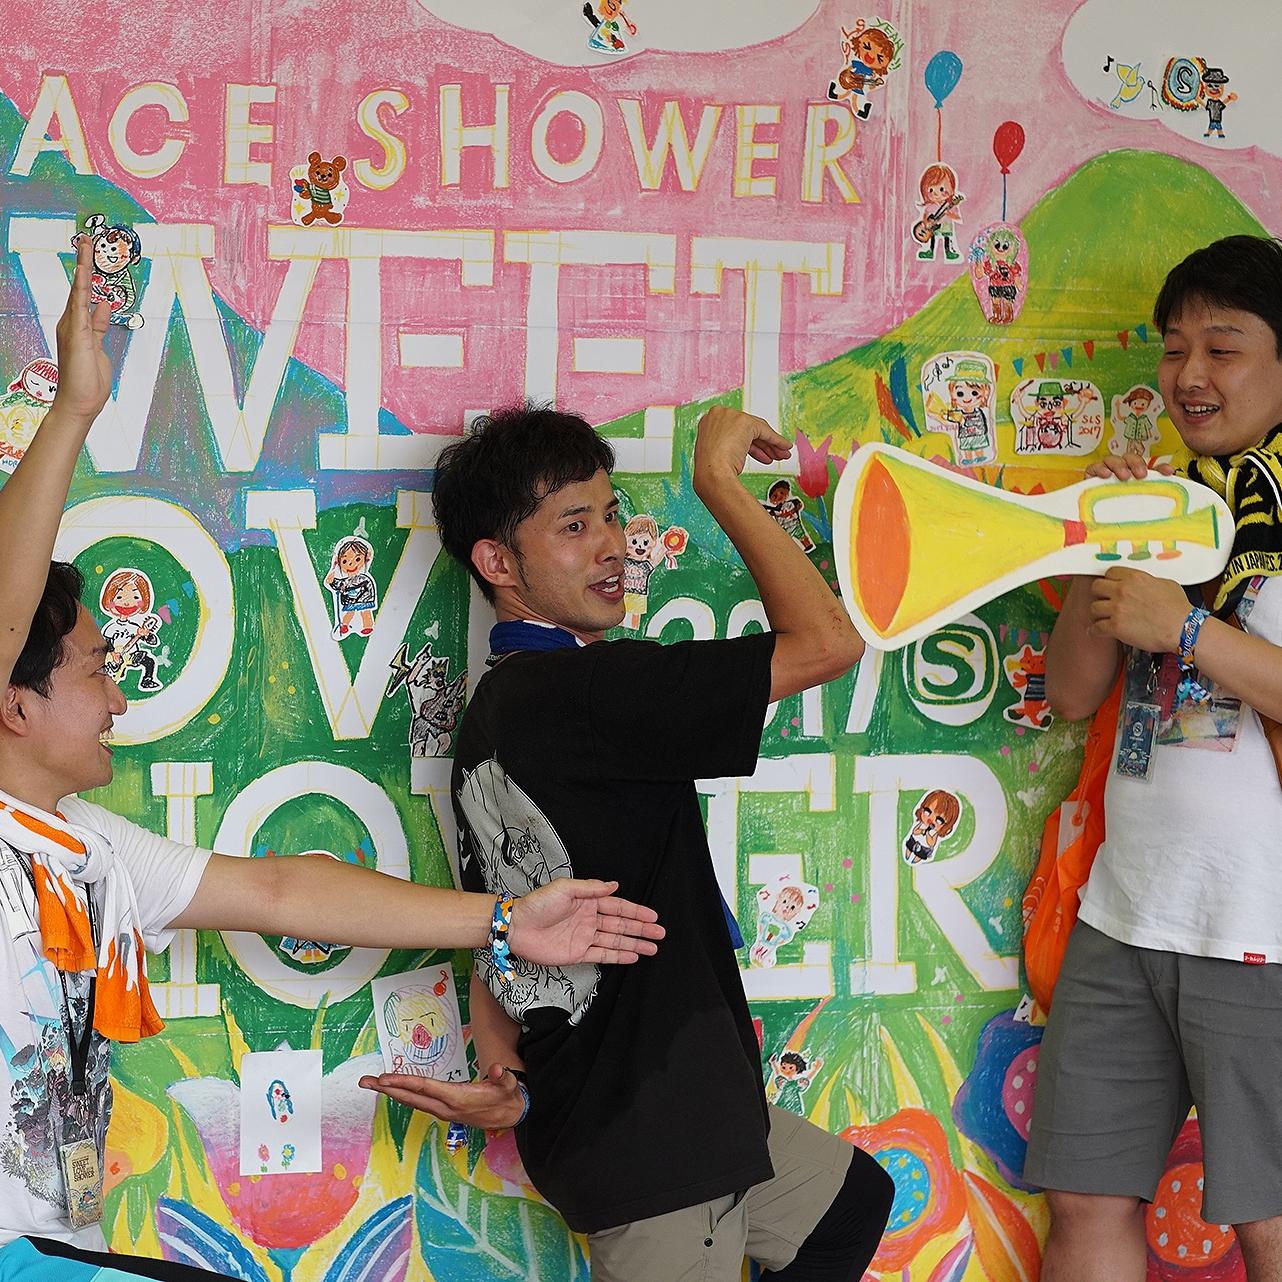 山梨・Sweet Love Shower(音楽フェス会場)にて   似顔絵ワークショップ *毎年開催